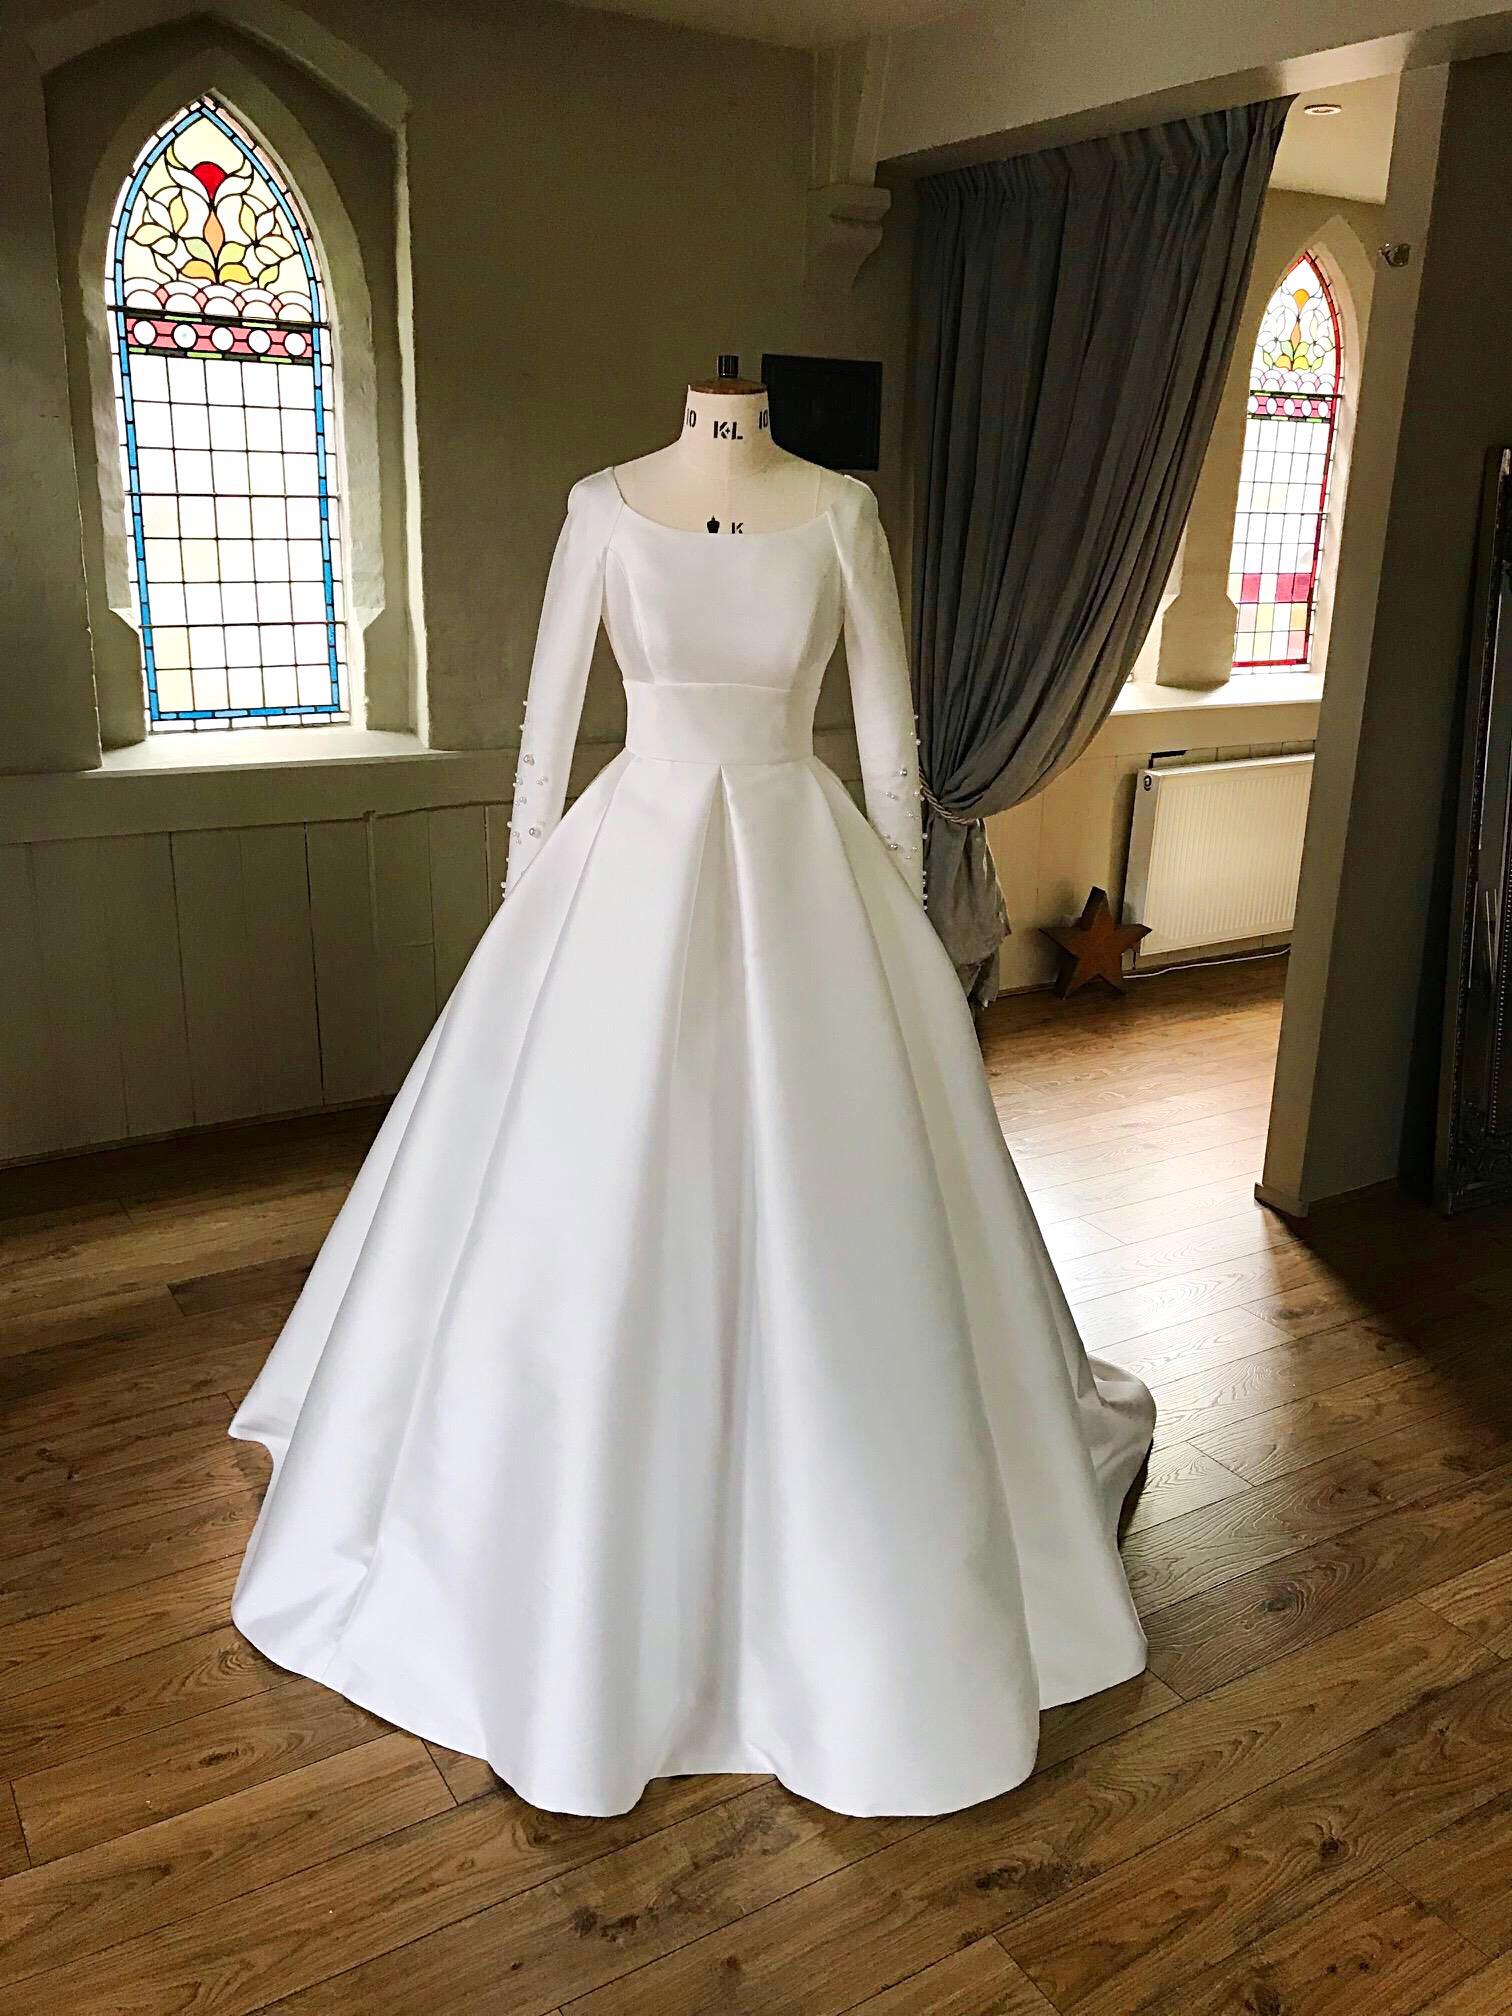 Meghan Markle\'s Wedding Dress - what will she wear? | Love My Dress ...